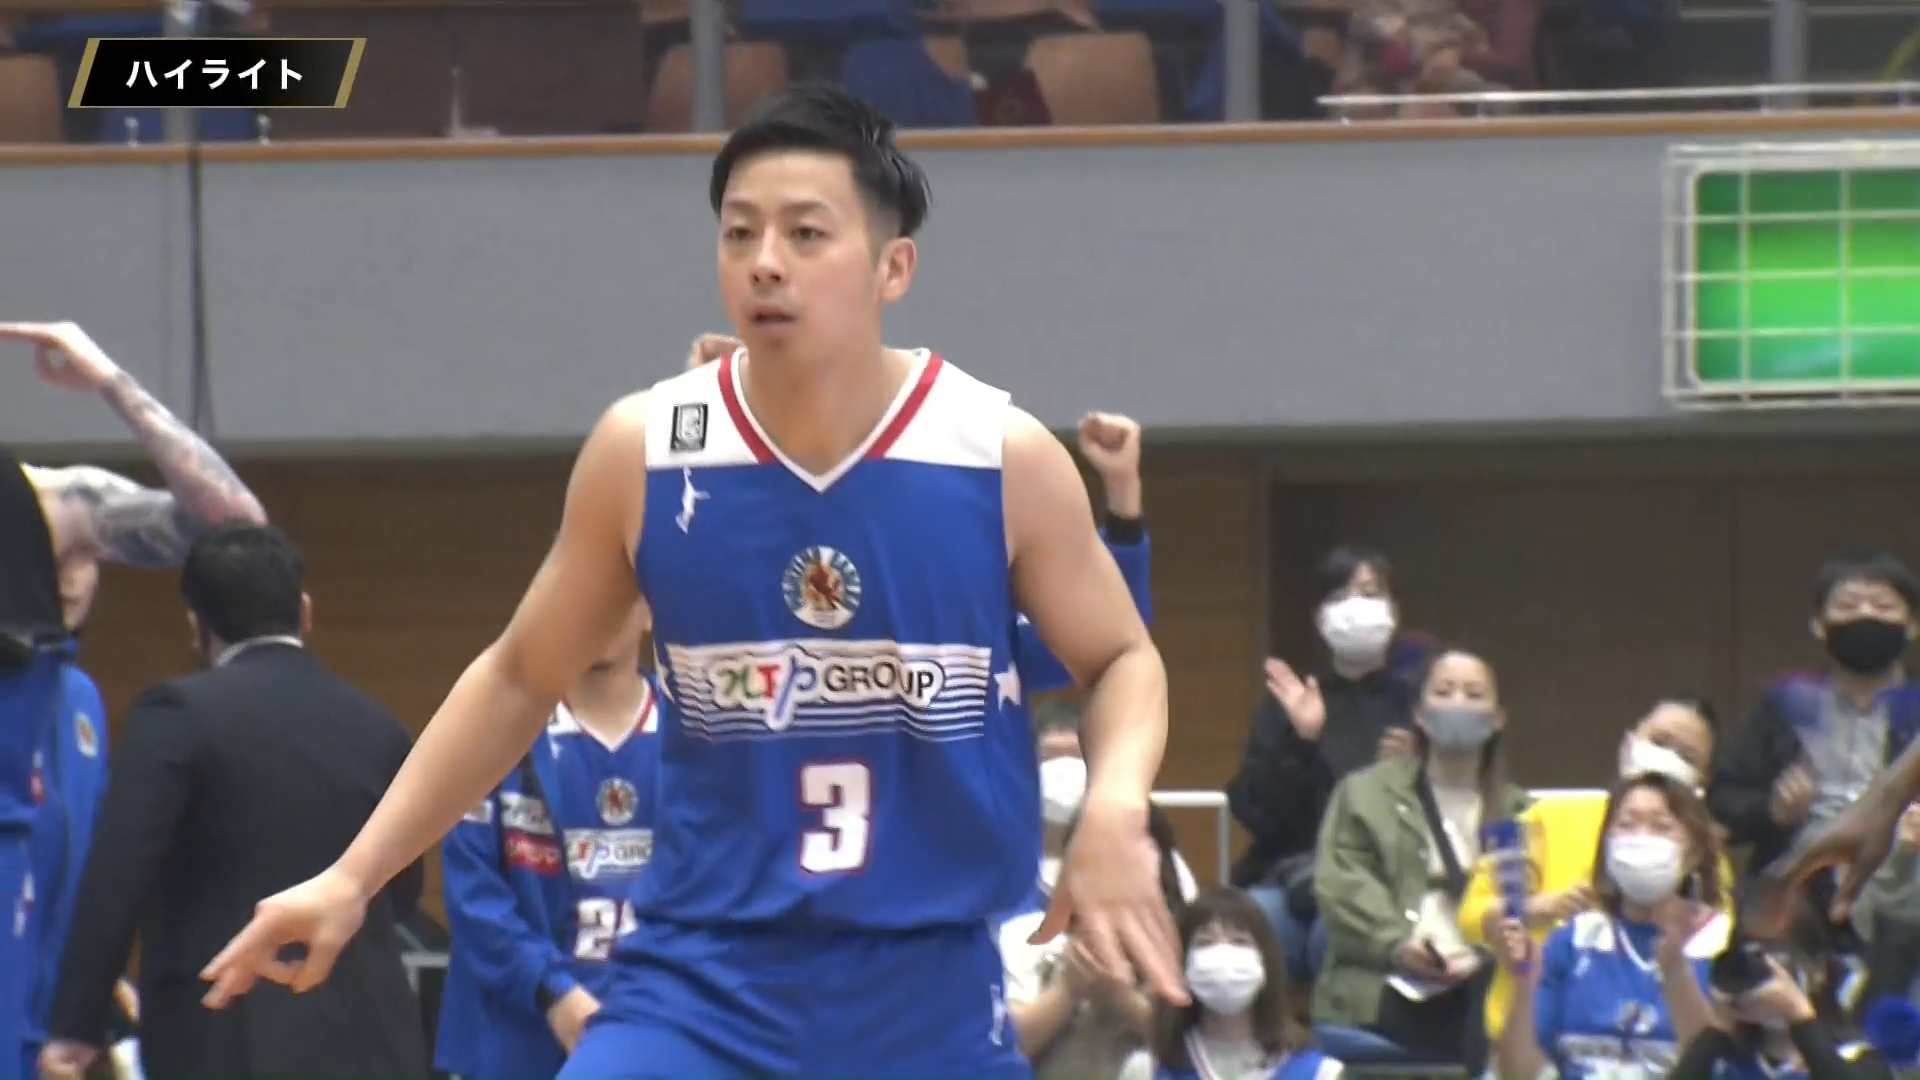 【ハイライト】【B2PO QF】05/07 FE名古屋 vs 越谷 GAME1 (20-21 ポストシーズン)